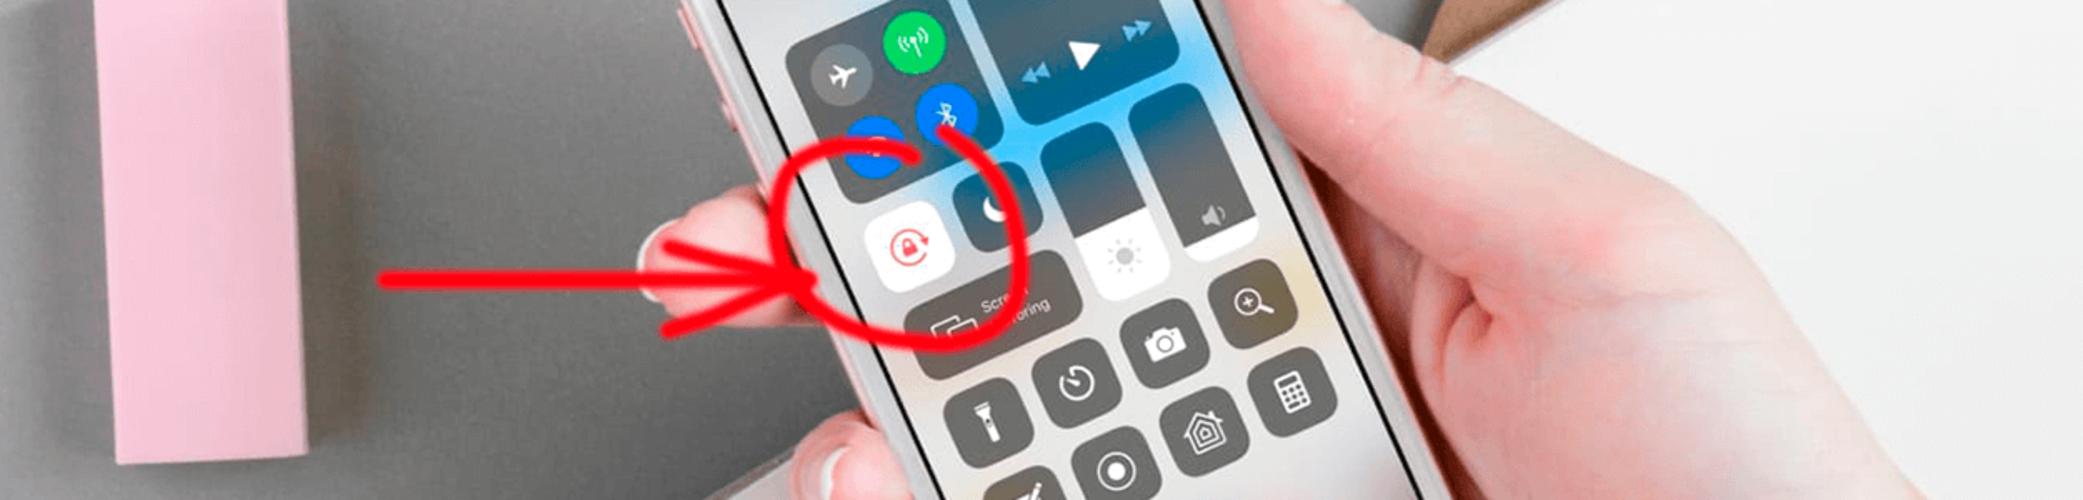 Почему на iPhone не переворачивается экран и что с этим делать?